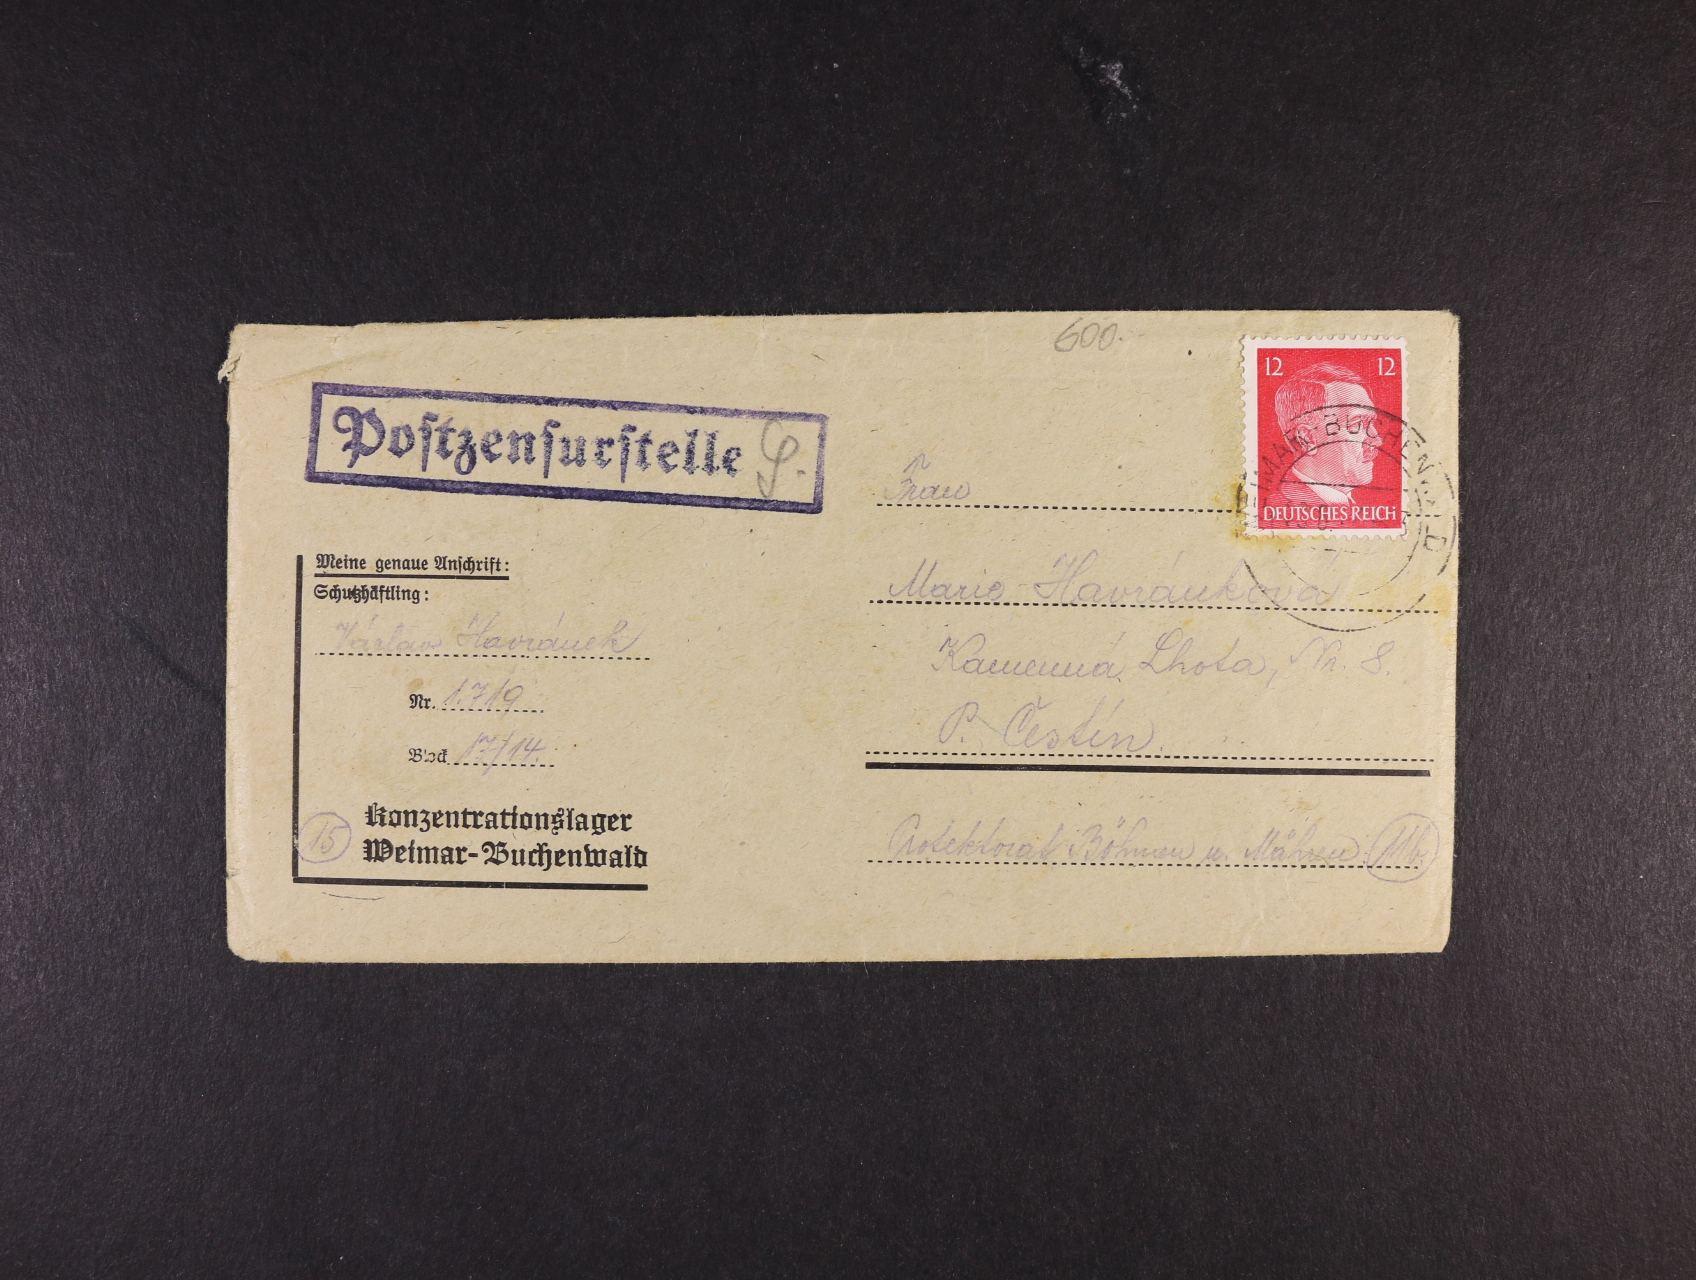 Buchenwald - oficielní obálka vč. obsahu frank. zn. 12pf A.H., pod. raz. WEIMAR - BUCHENWALD 19.6.44 + cenzurní raz.